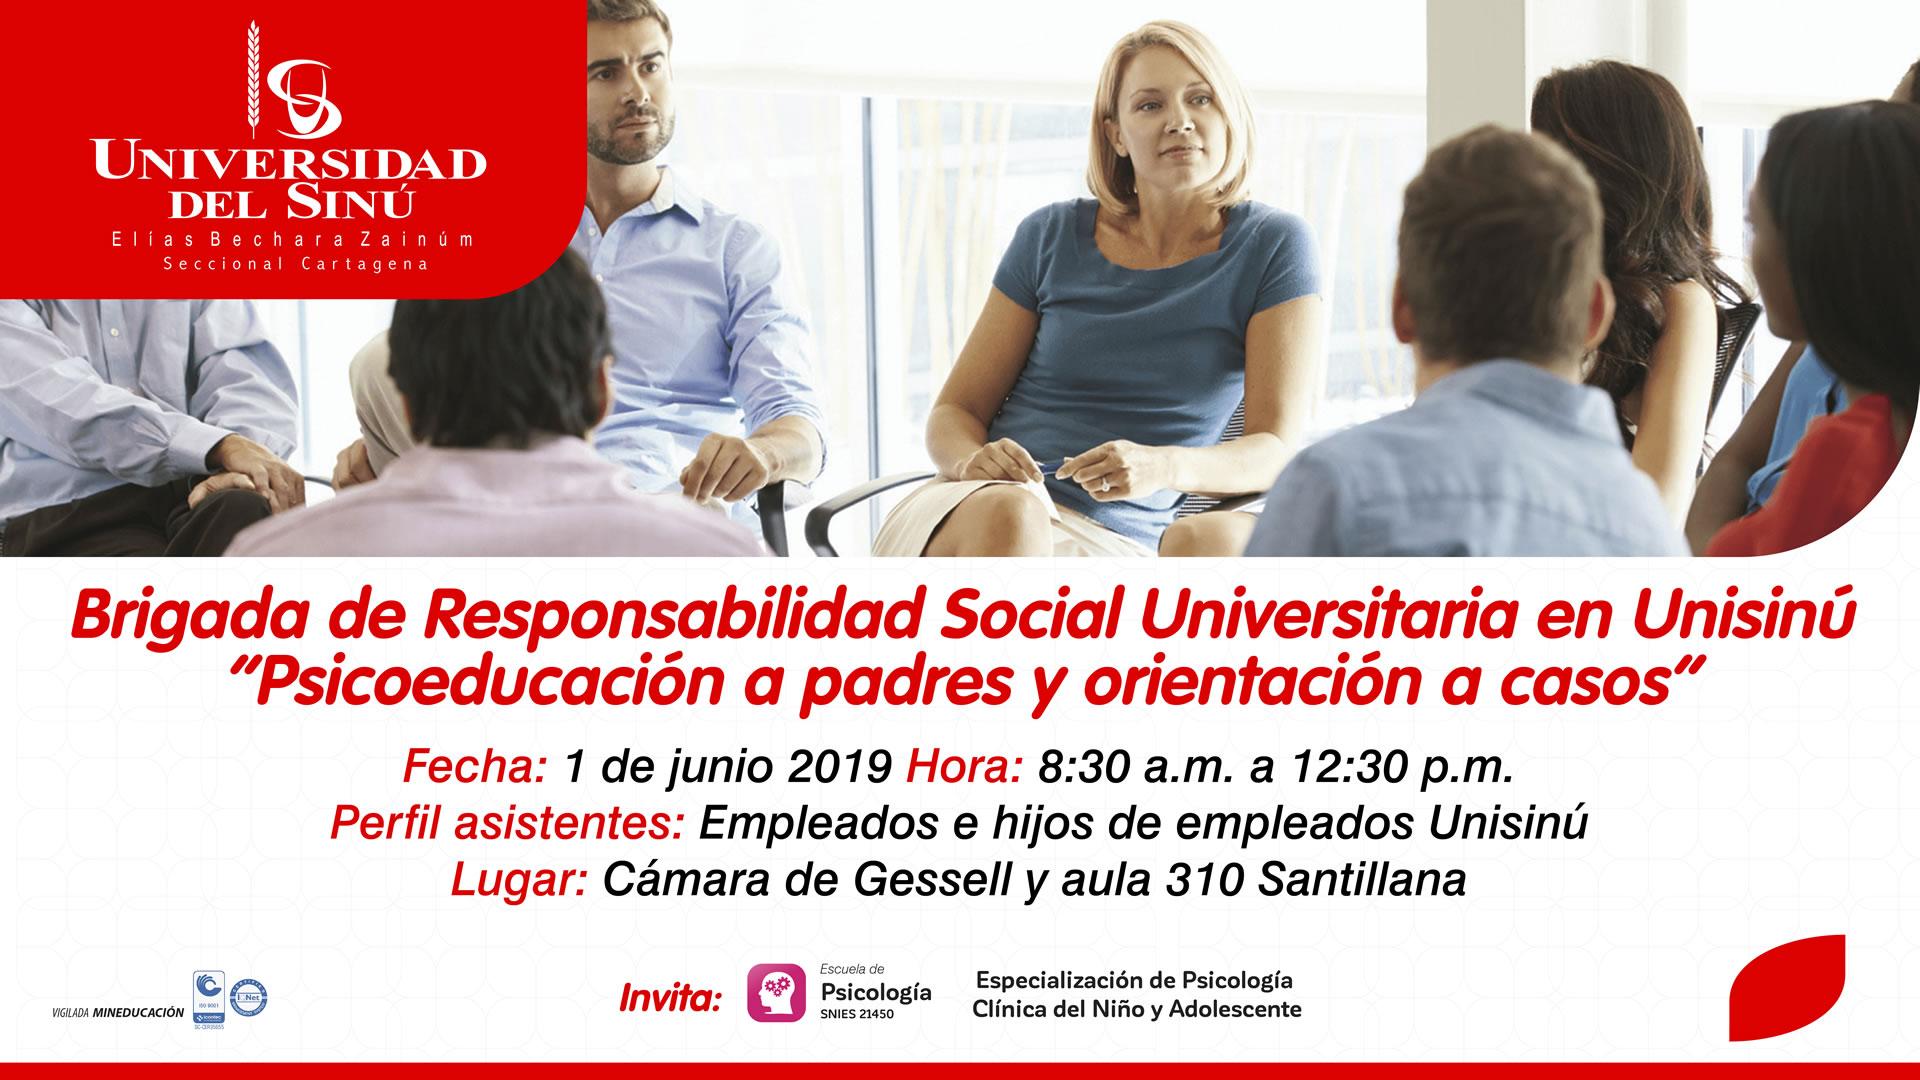 """Brigada de Responsabilidad Social Universitaria en Unisinú """"Psicoeducación a padres y orientación a casos""""_Mesa de trabajo 1"""